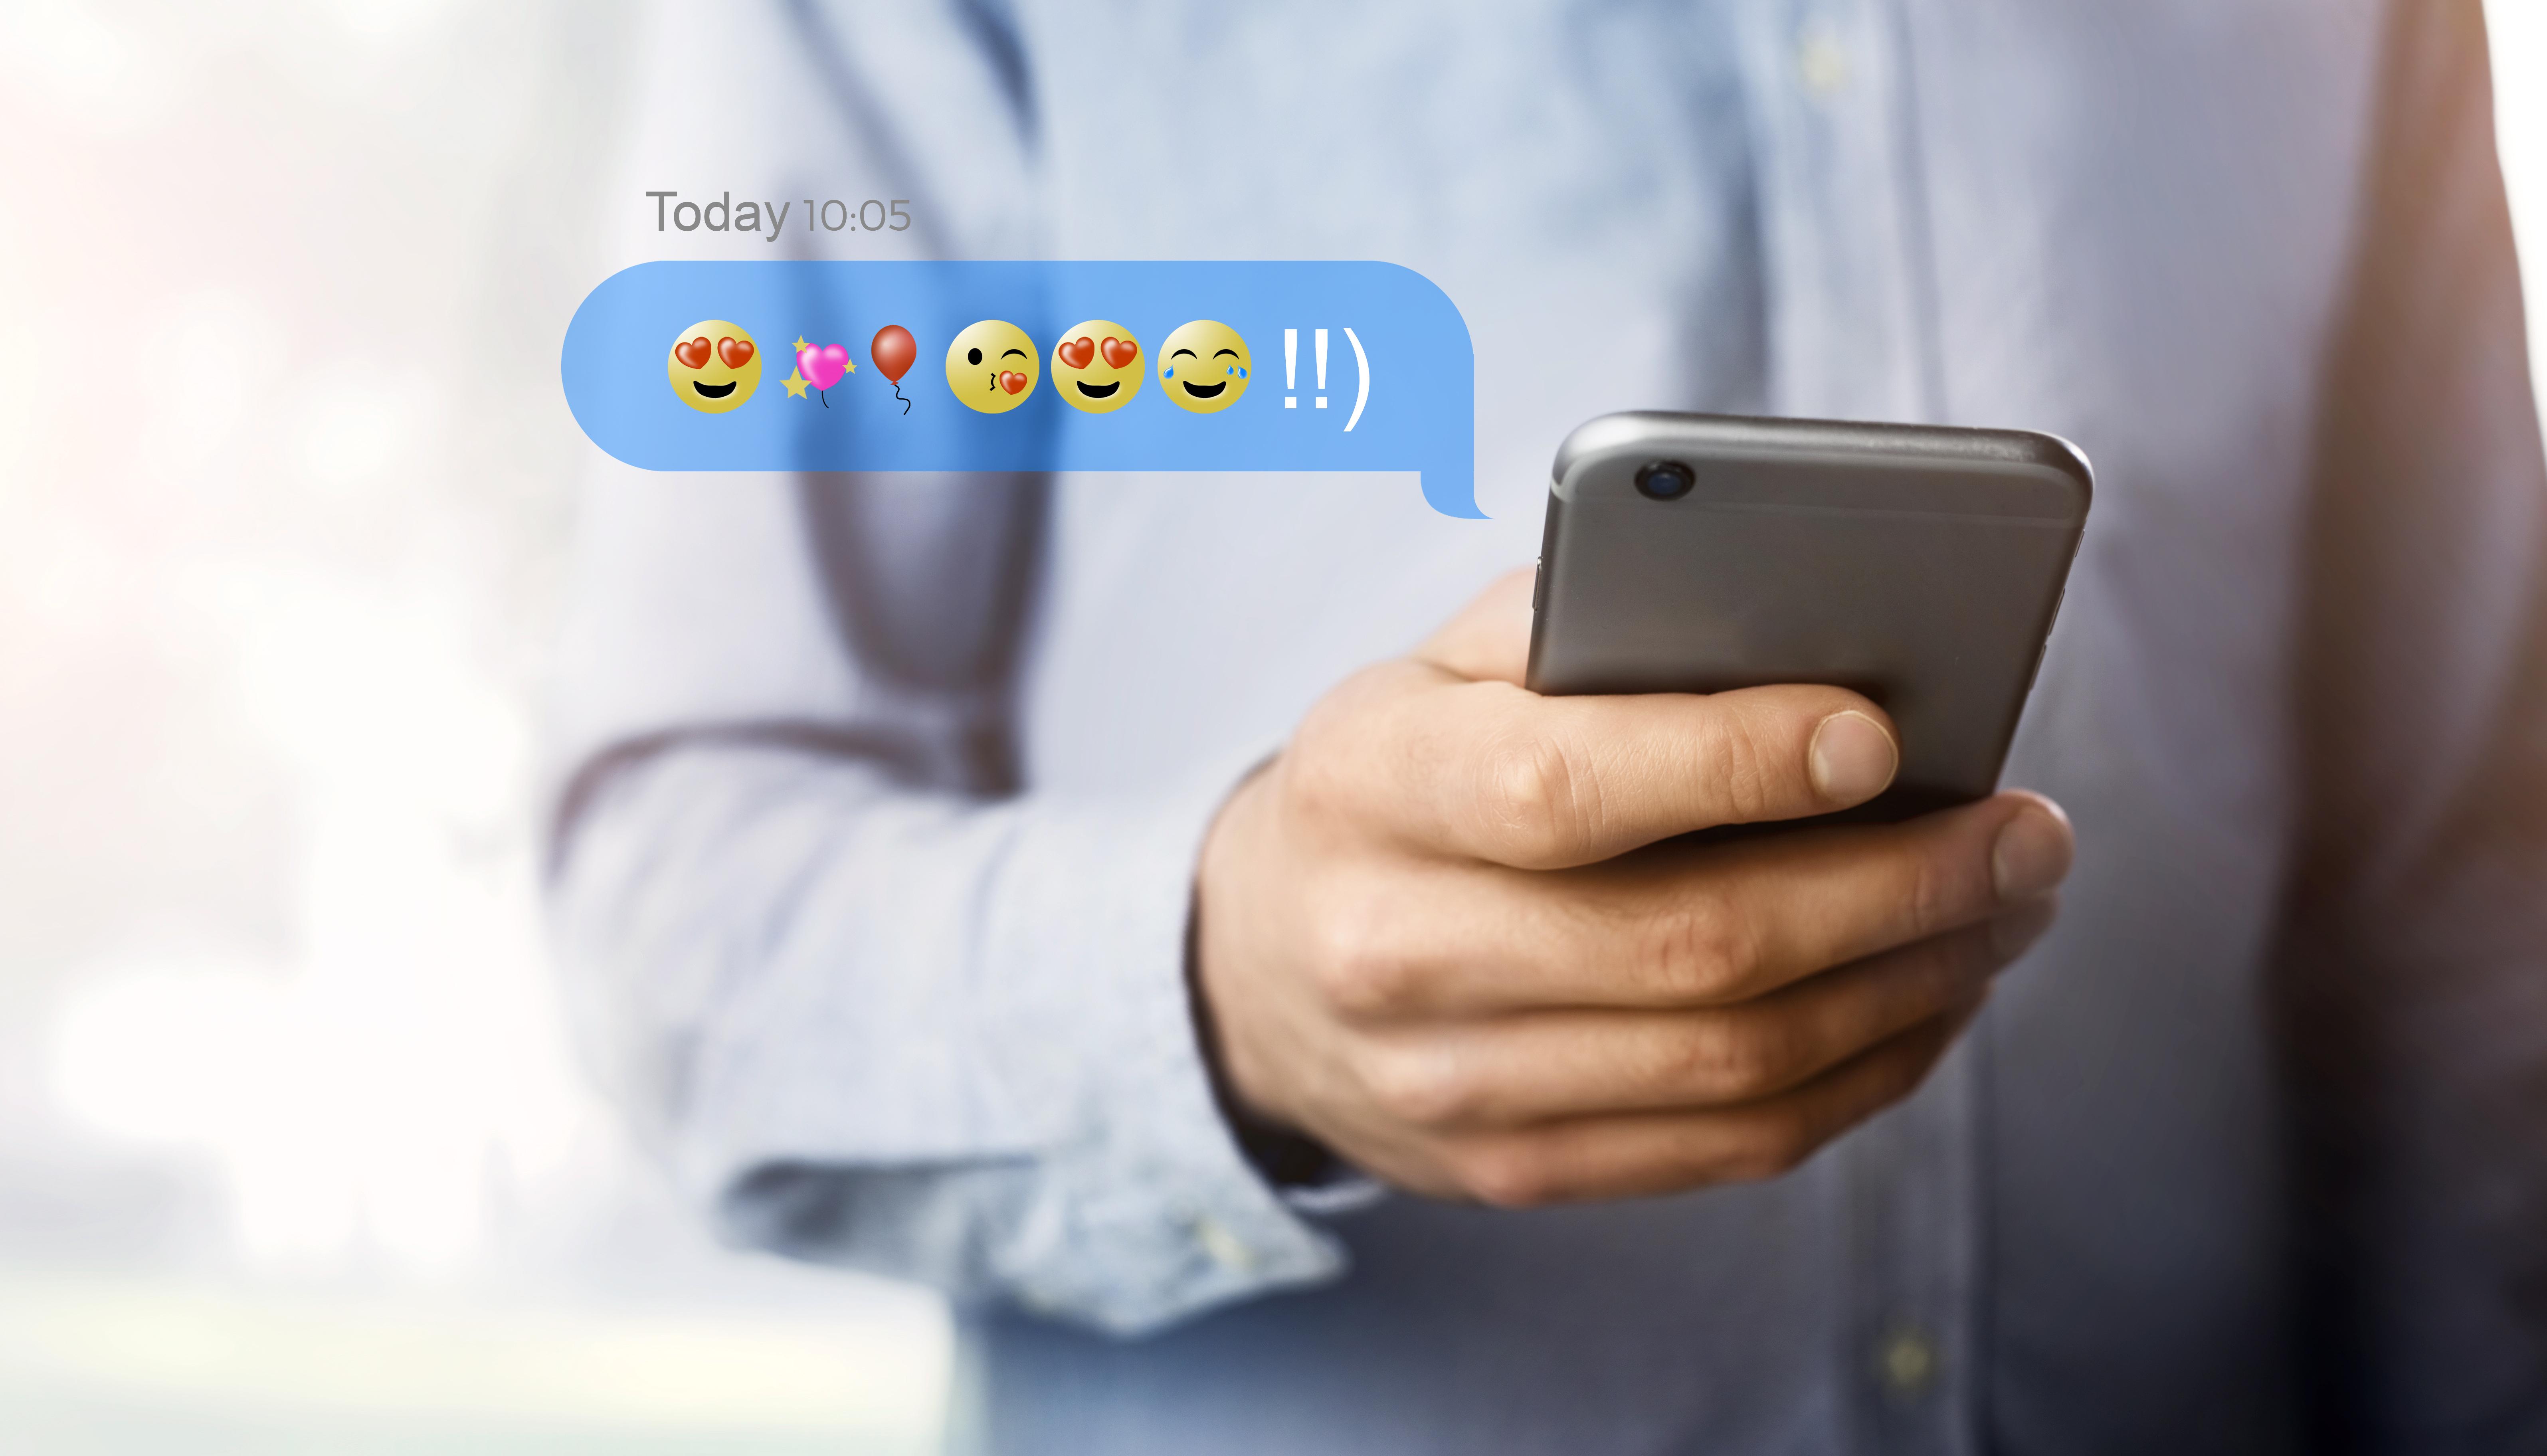 Användningen av emojis kan liknas vid vårt sätt att gestikulera. Vi använder emojis till att förstärka känslomässiga uttryck.